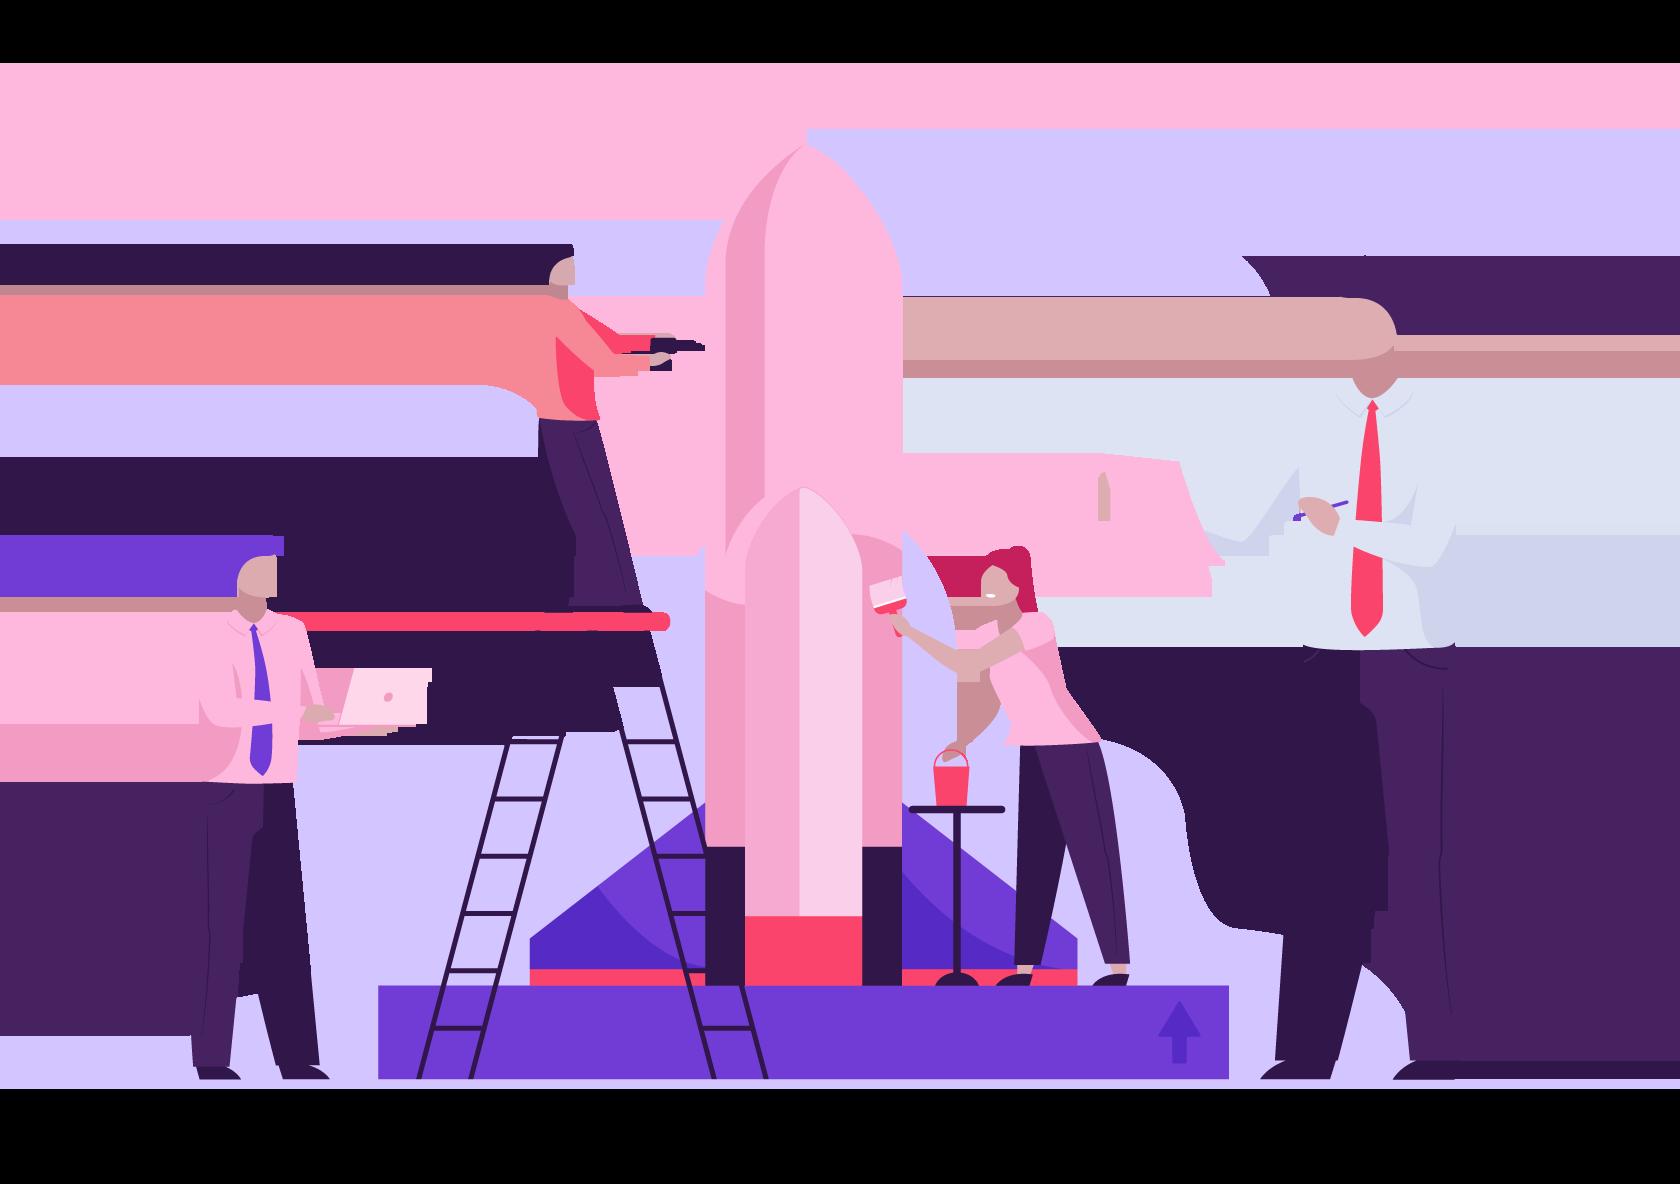 Ilustração de pessoas criando o foguete